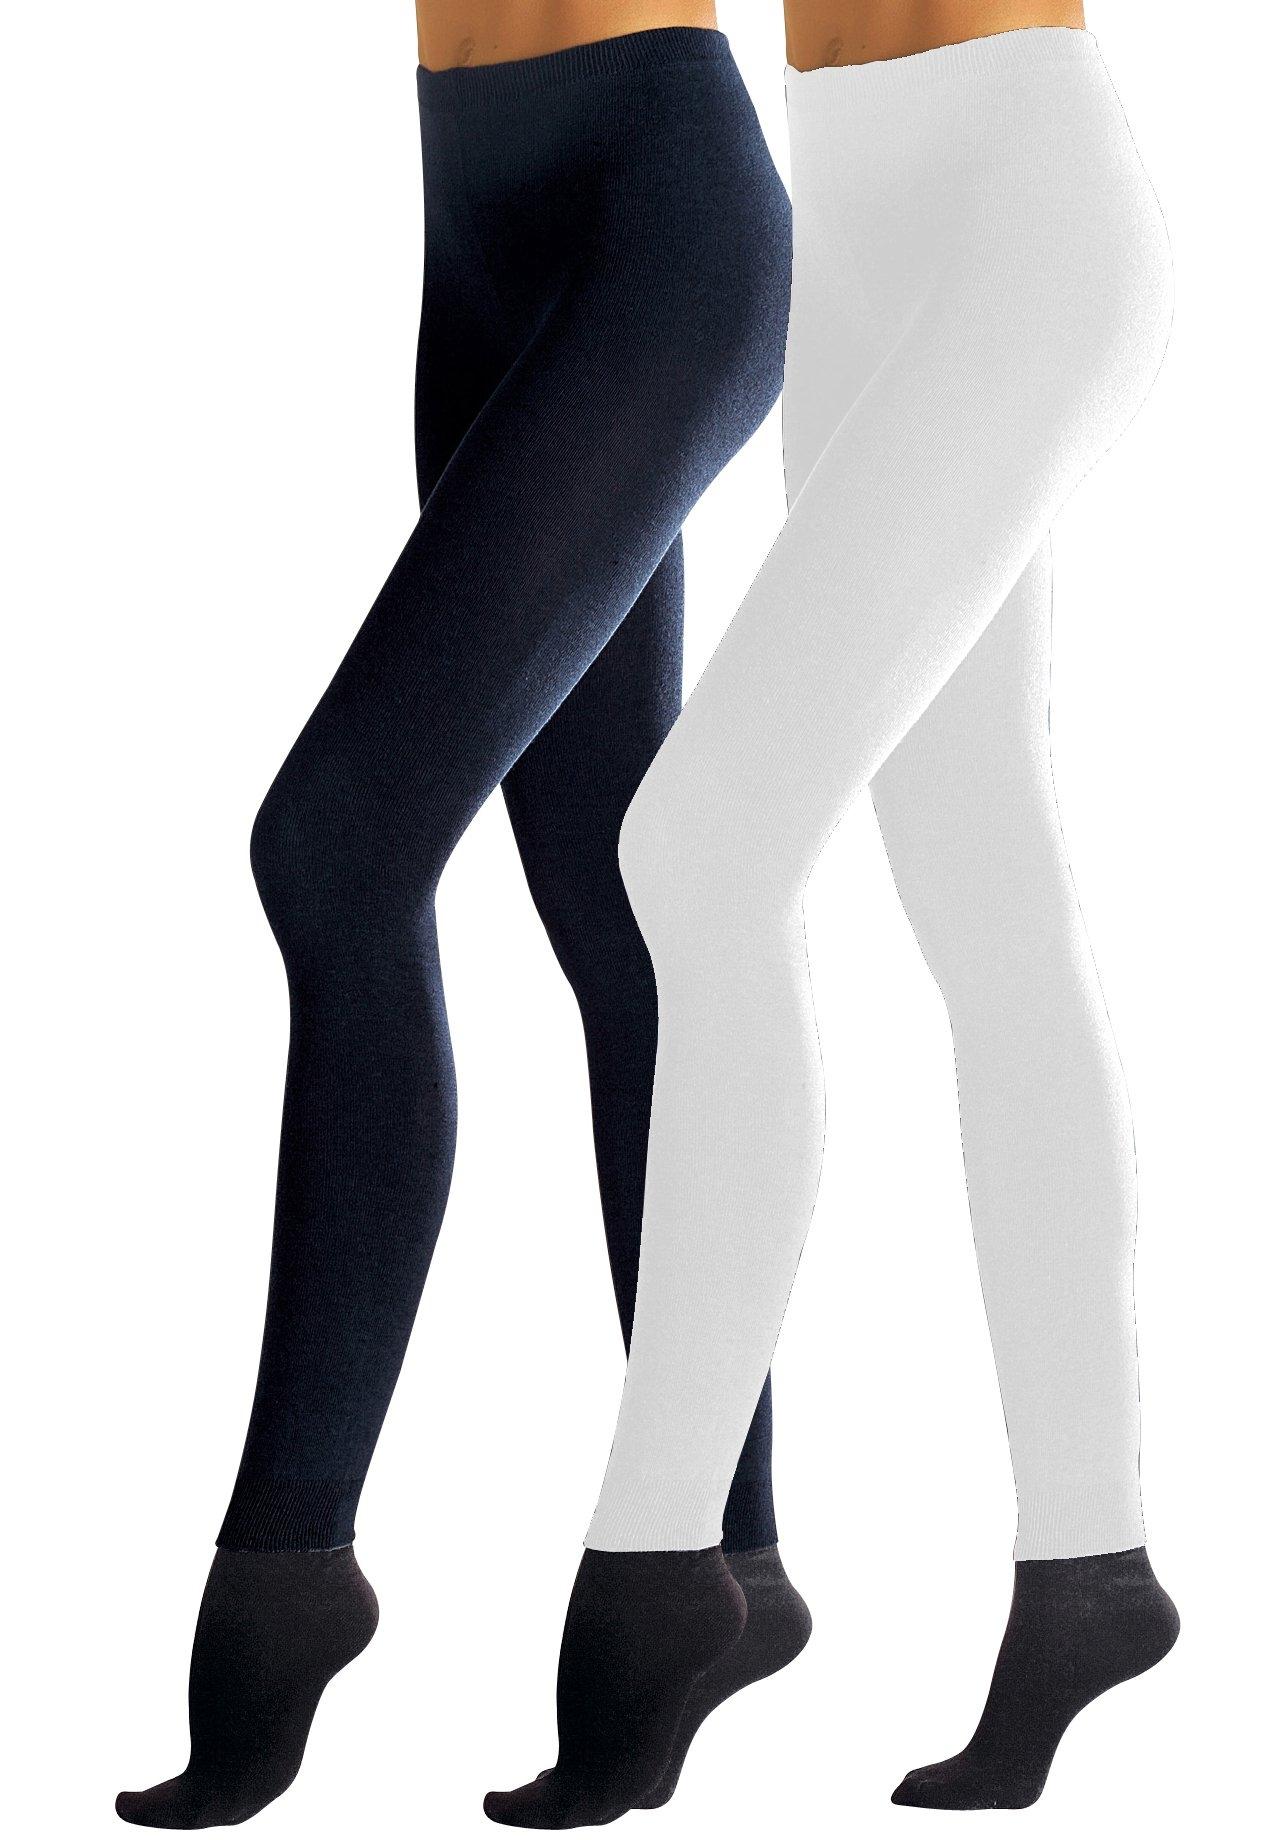 Lavana Gebreide maillot, set van 2 voordelig en veilig online kopen